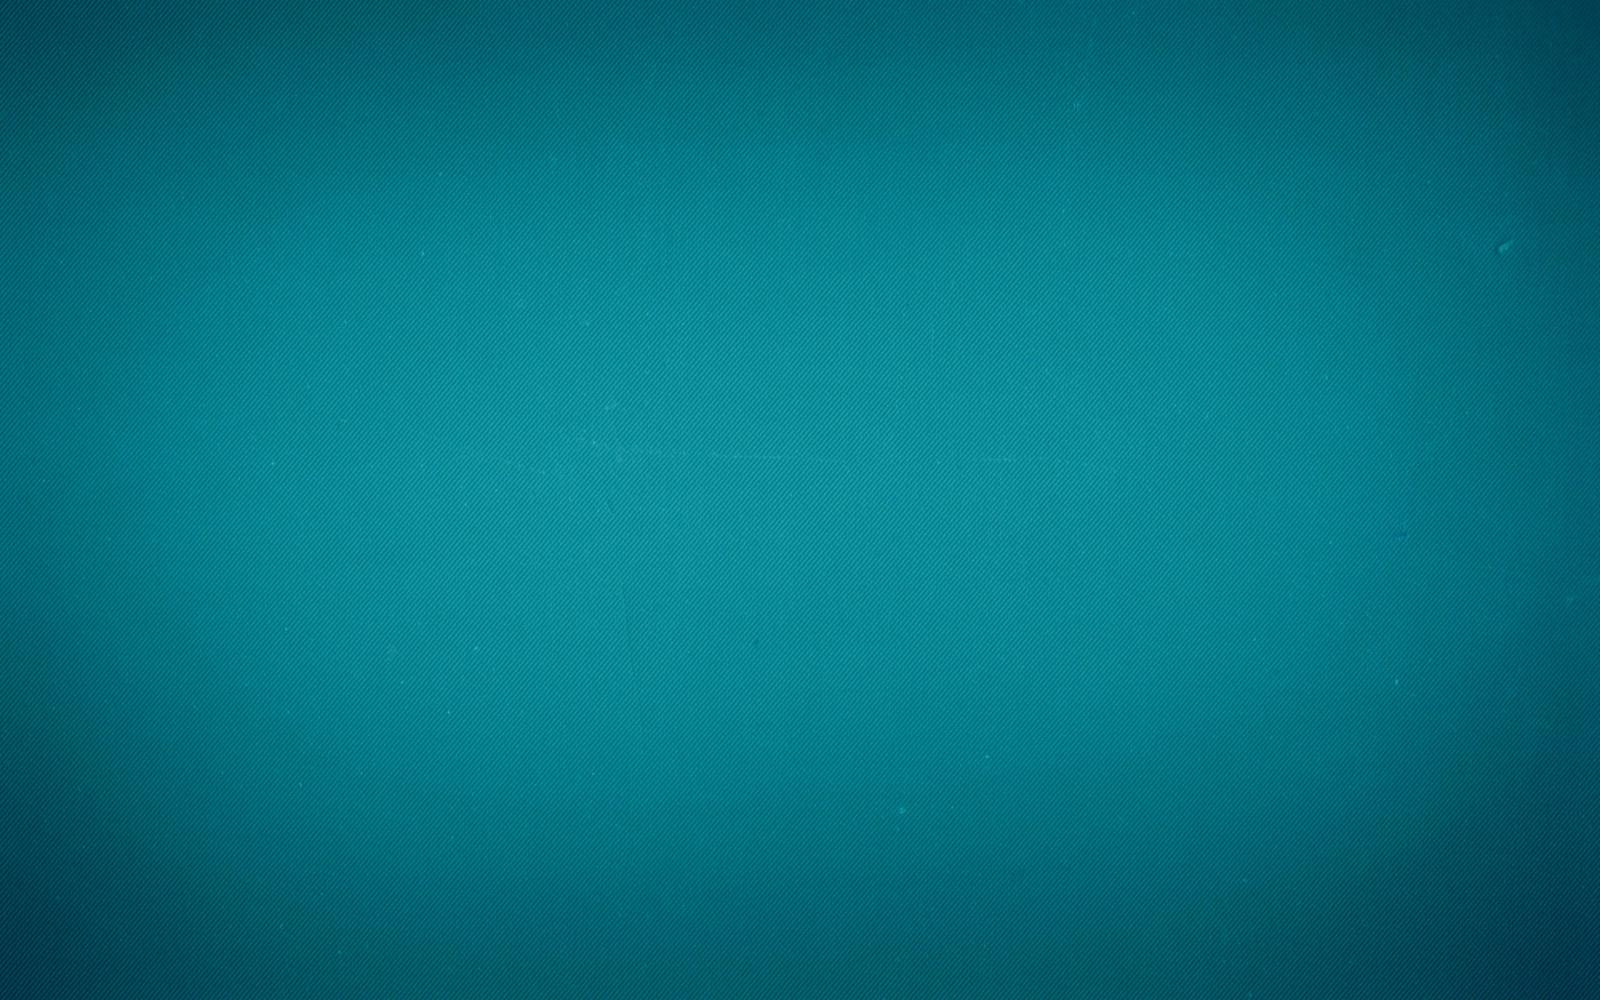 бирюзовый цвет однотонная картинка билеты